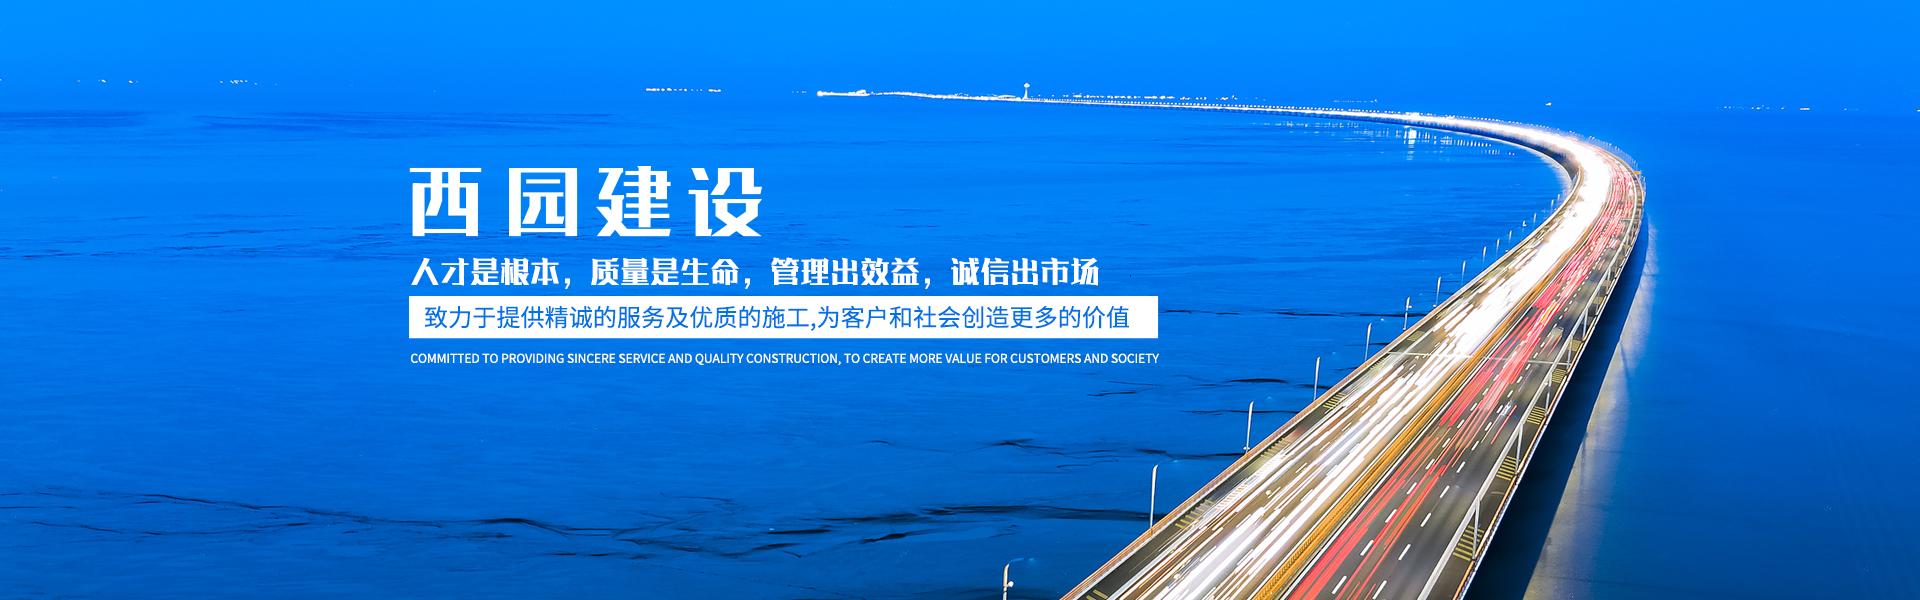 貴州西園建設工程有限公司